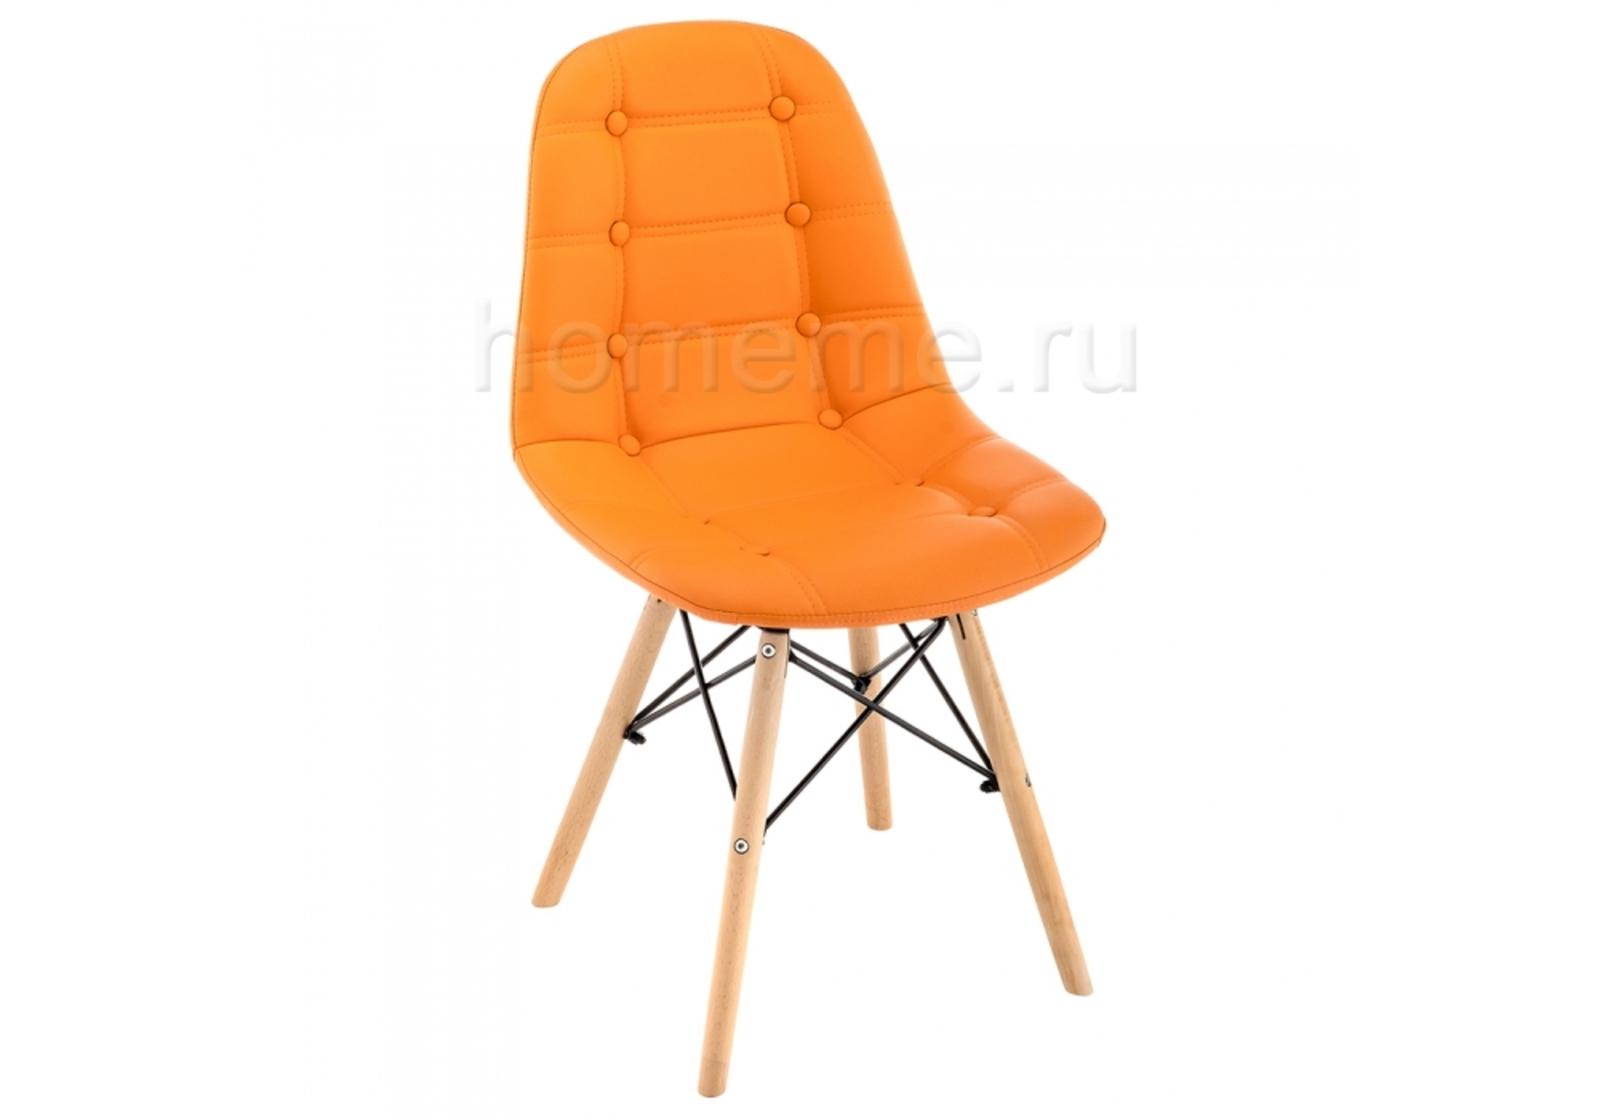 Стул деревянный Kvadro оранжевый 11344 Kvadro оранжевый 11344 (16719) фото